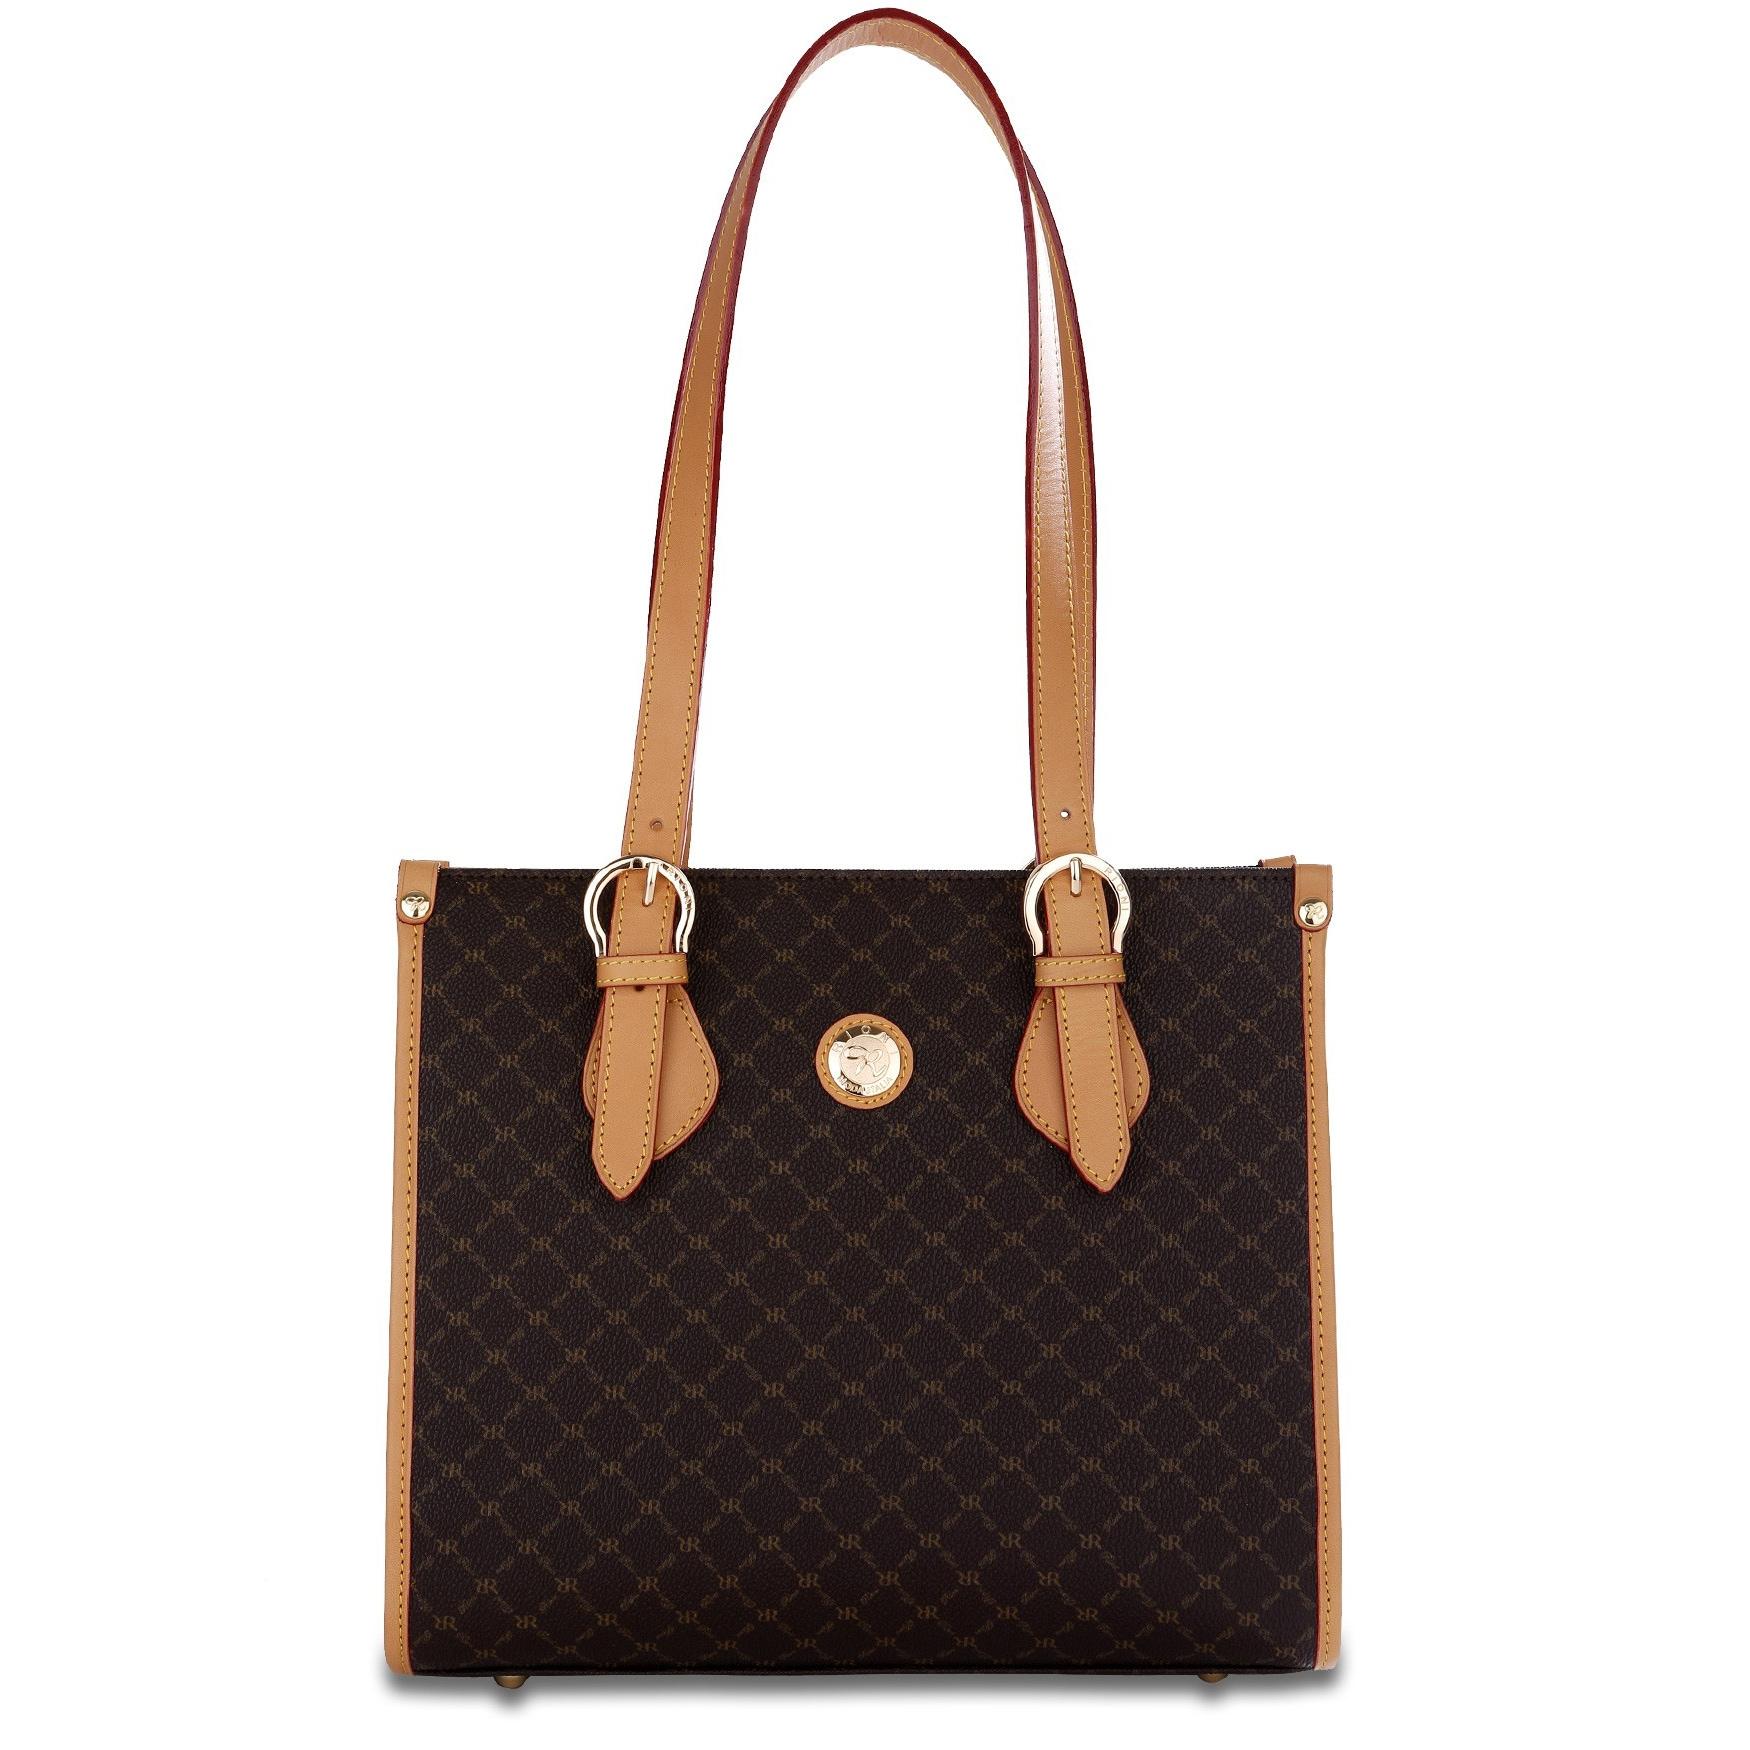 Shop Rioni Signature Shoulder Tote Handbag - Free Shipping Today -  Overstock.com - 3255085 bda111e5c3